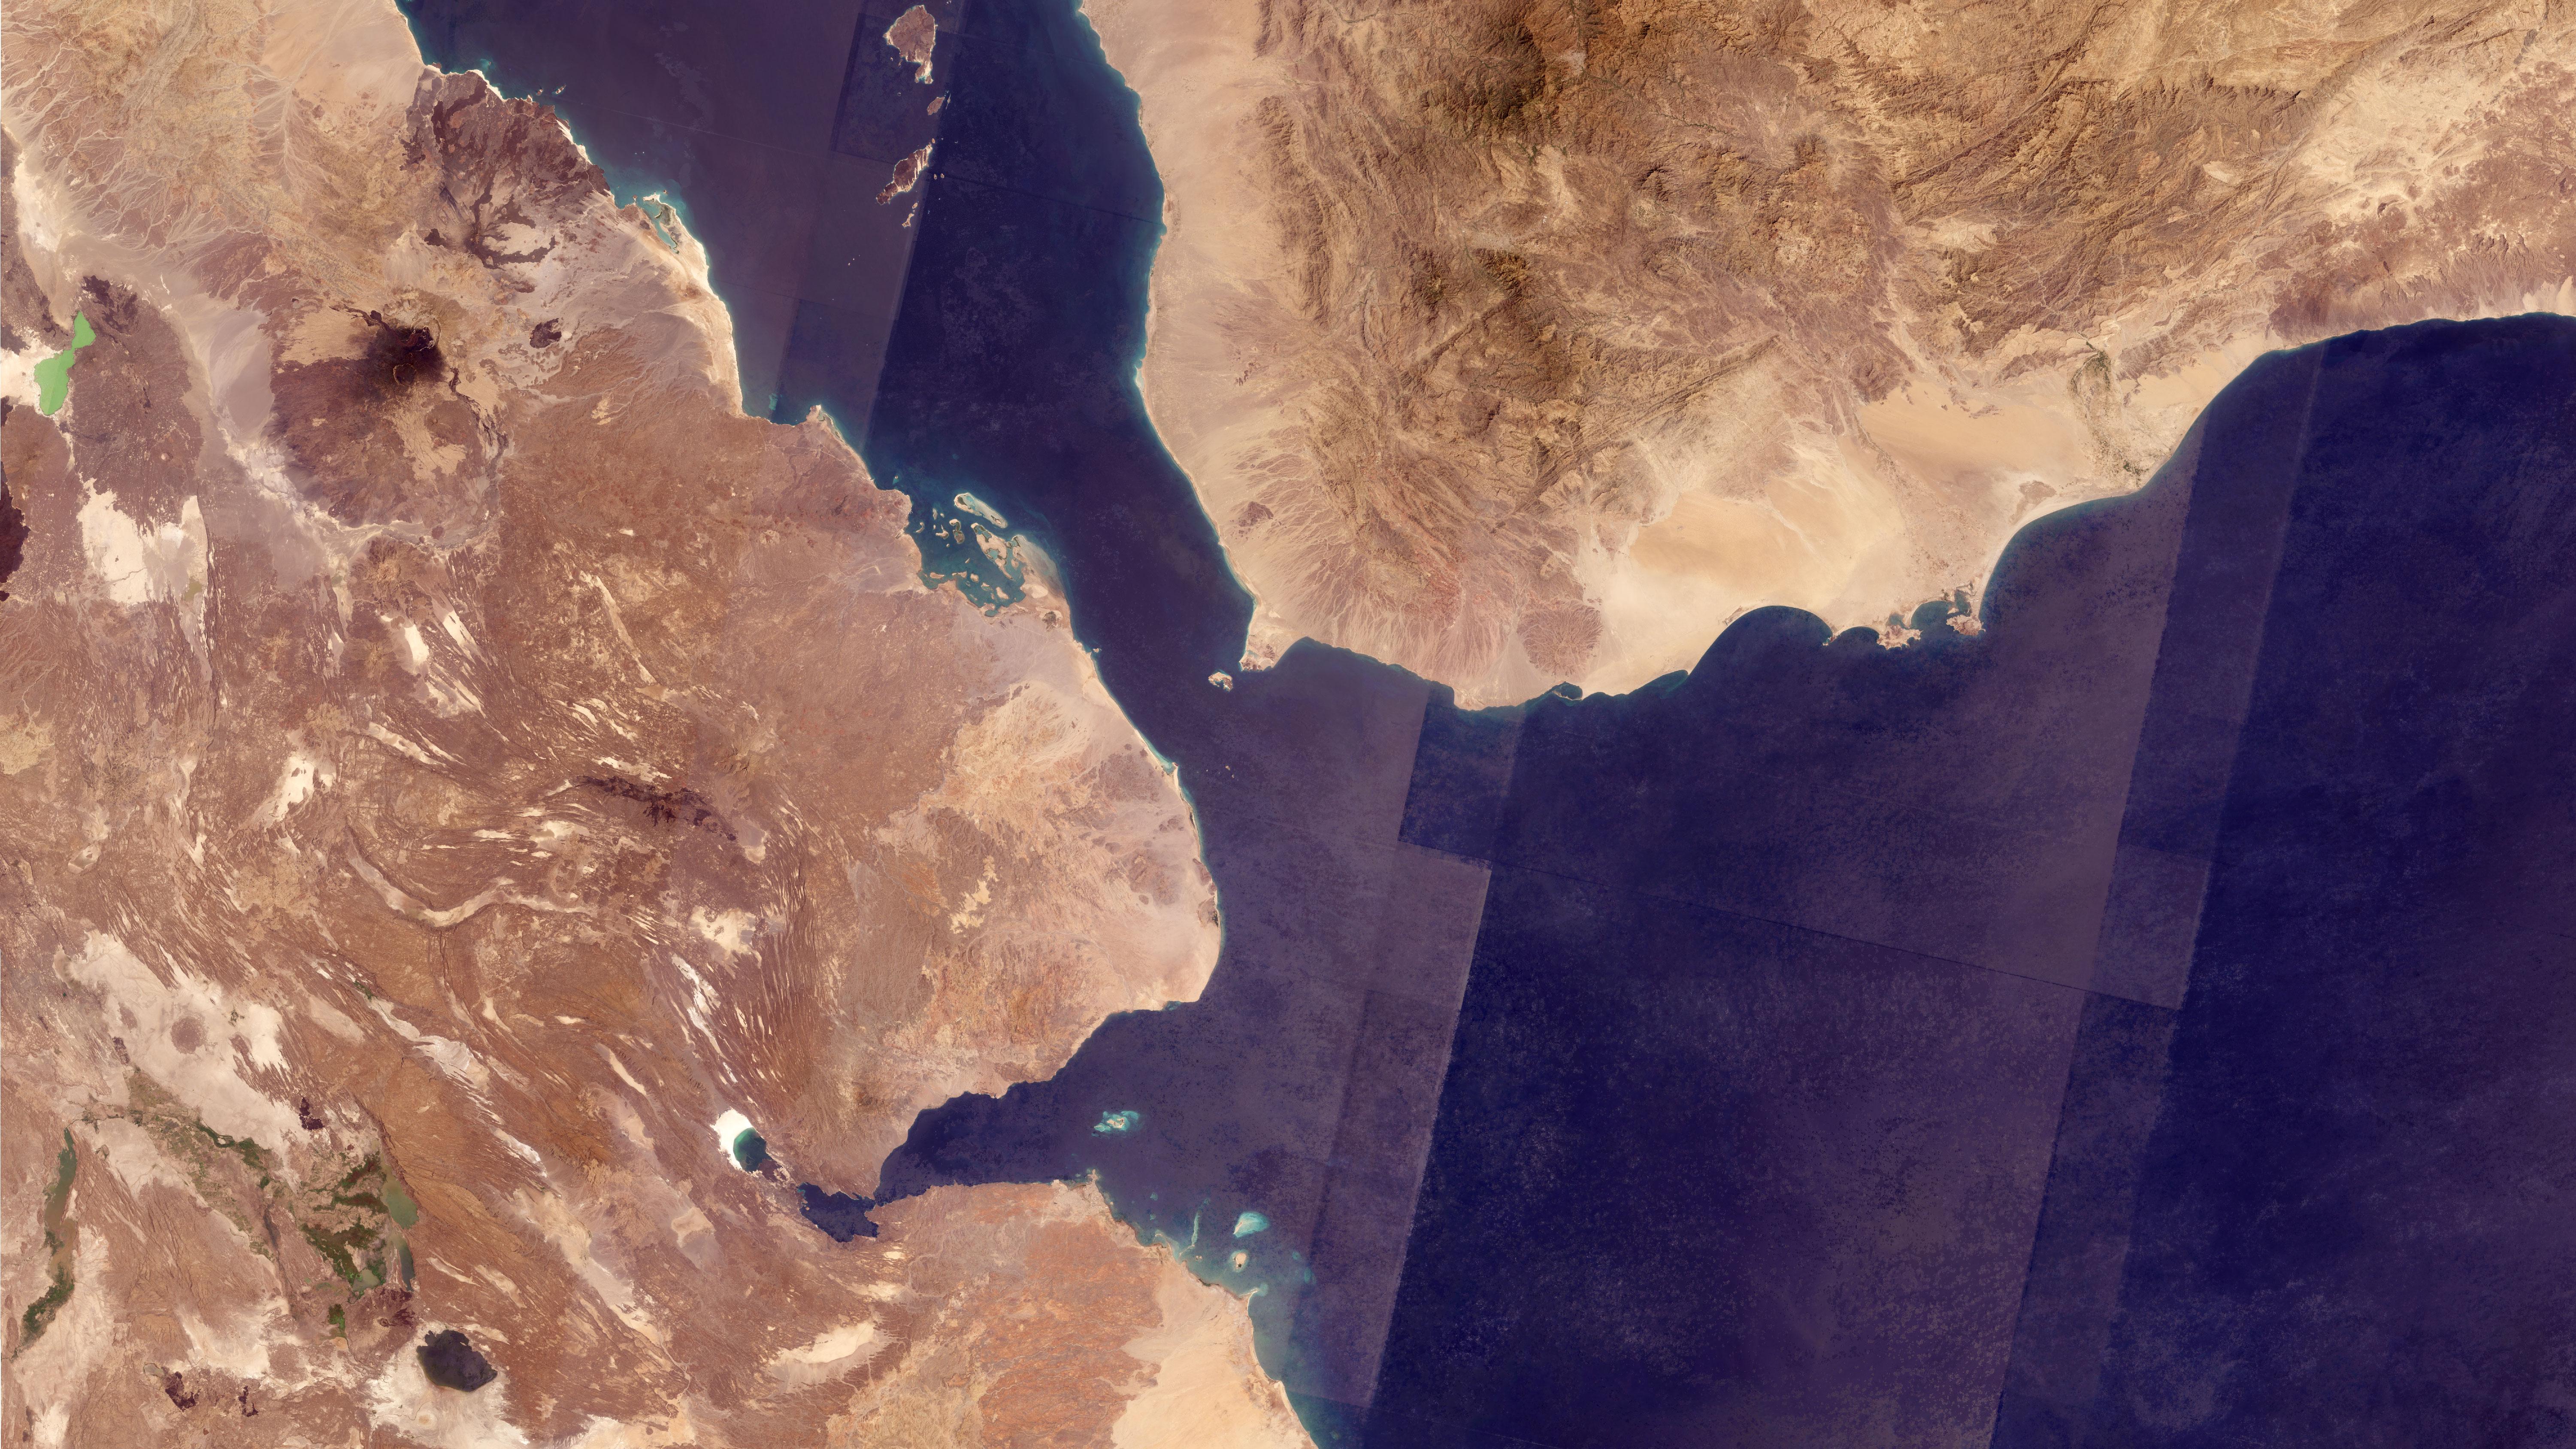 Mandab Strait